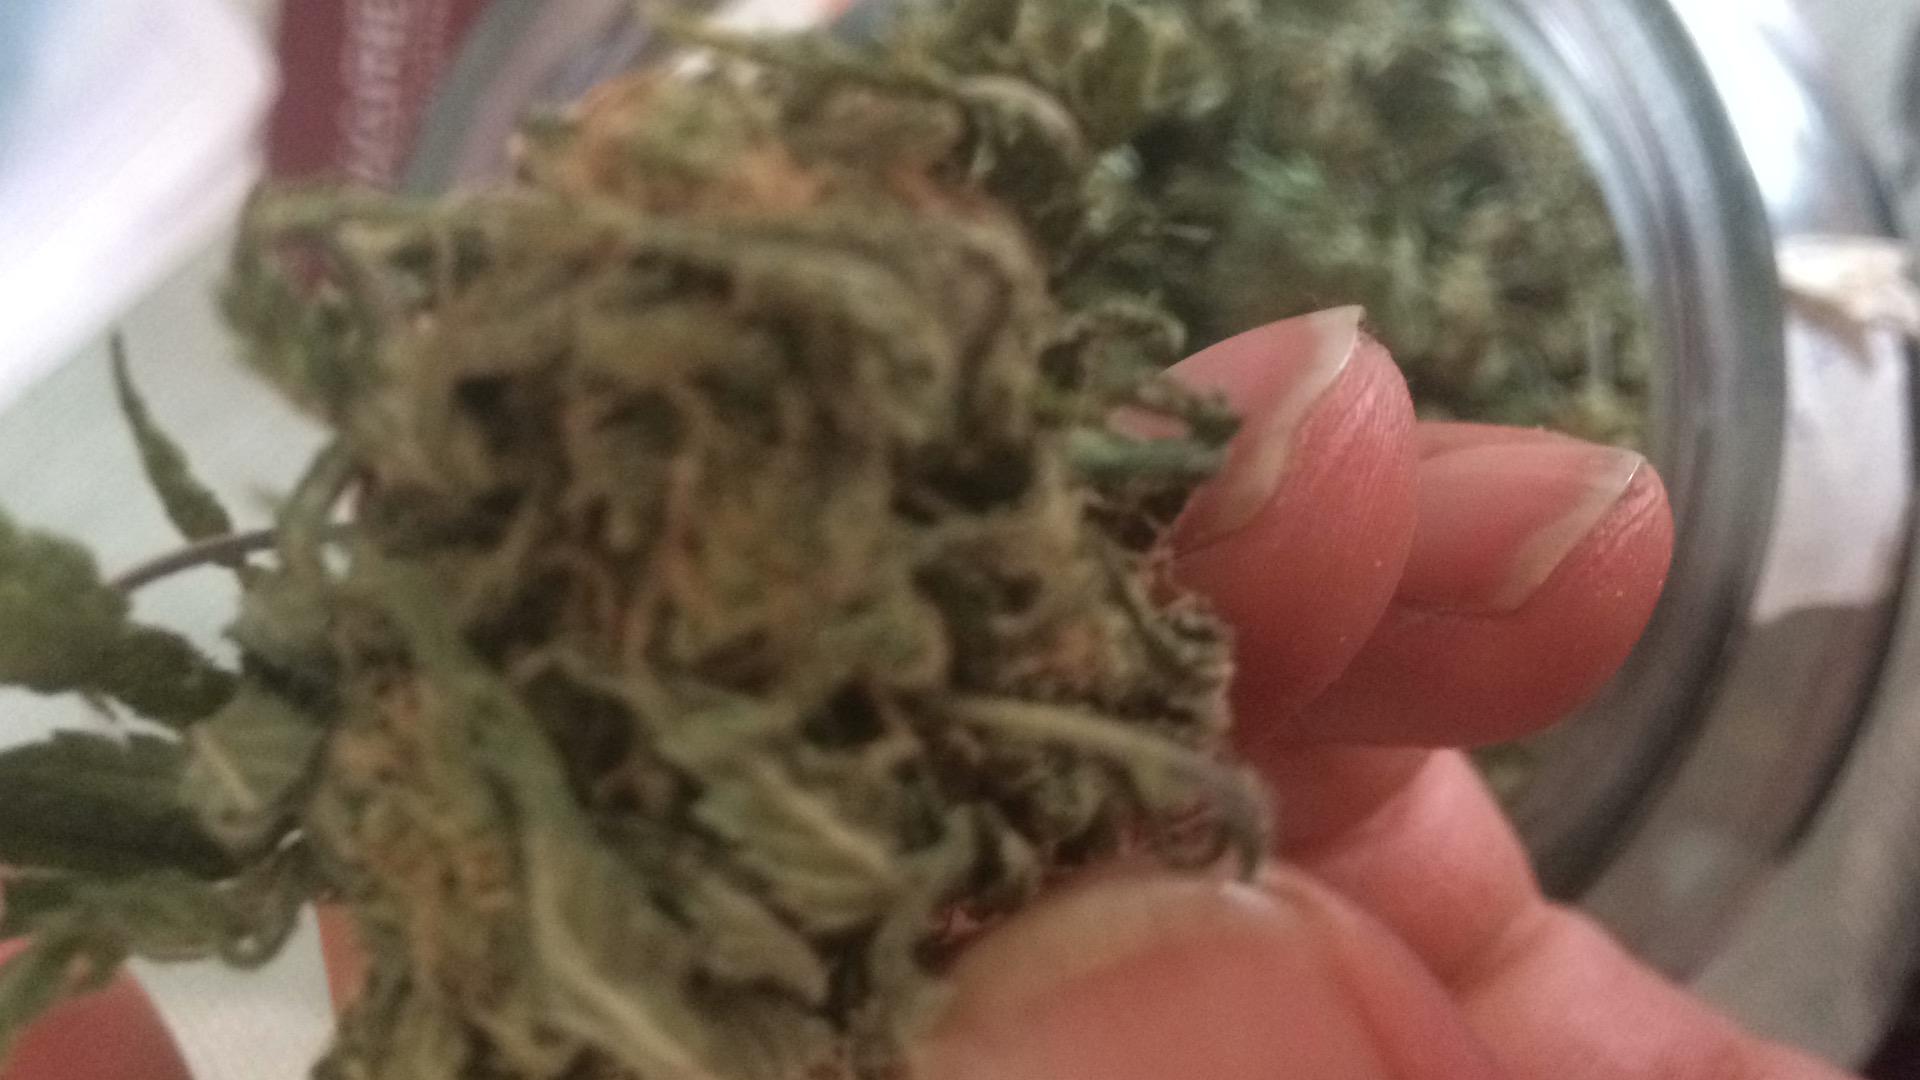 Buy Critical Jack Feminized Cannabis Seeds